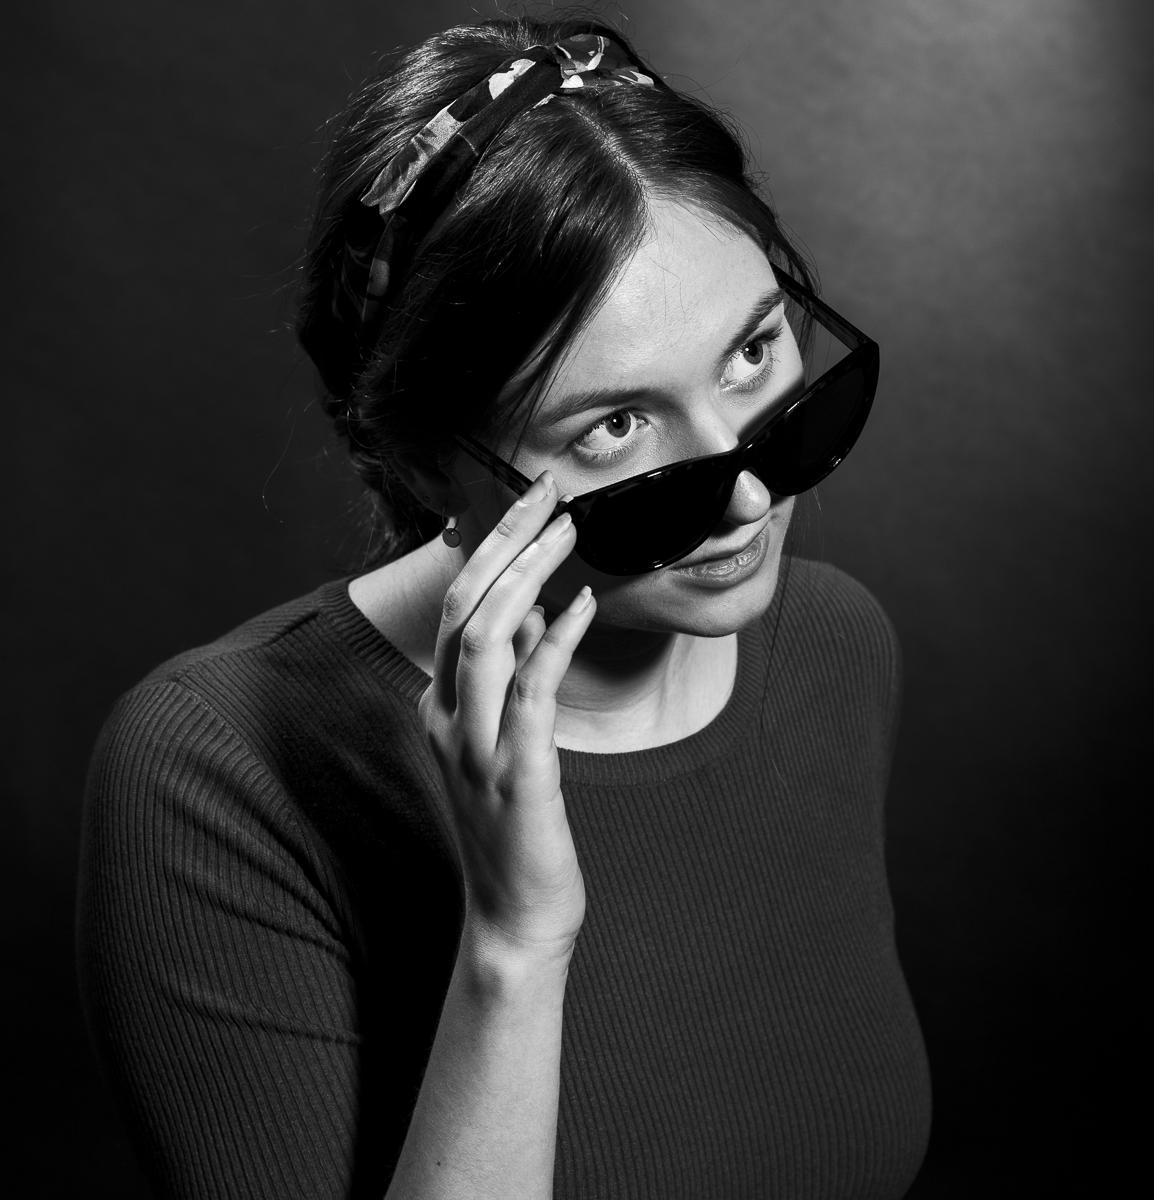 Dana Portfolio Photoshoot Headshot Retro Black and White